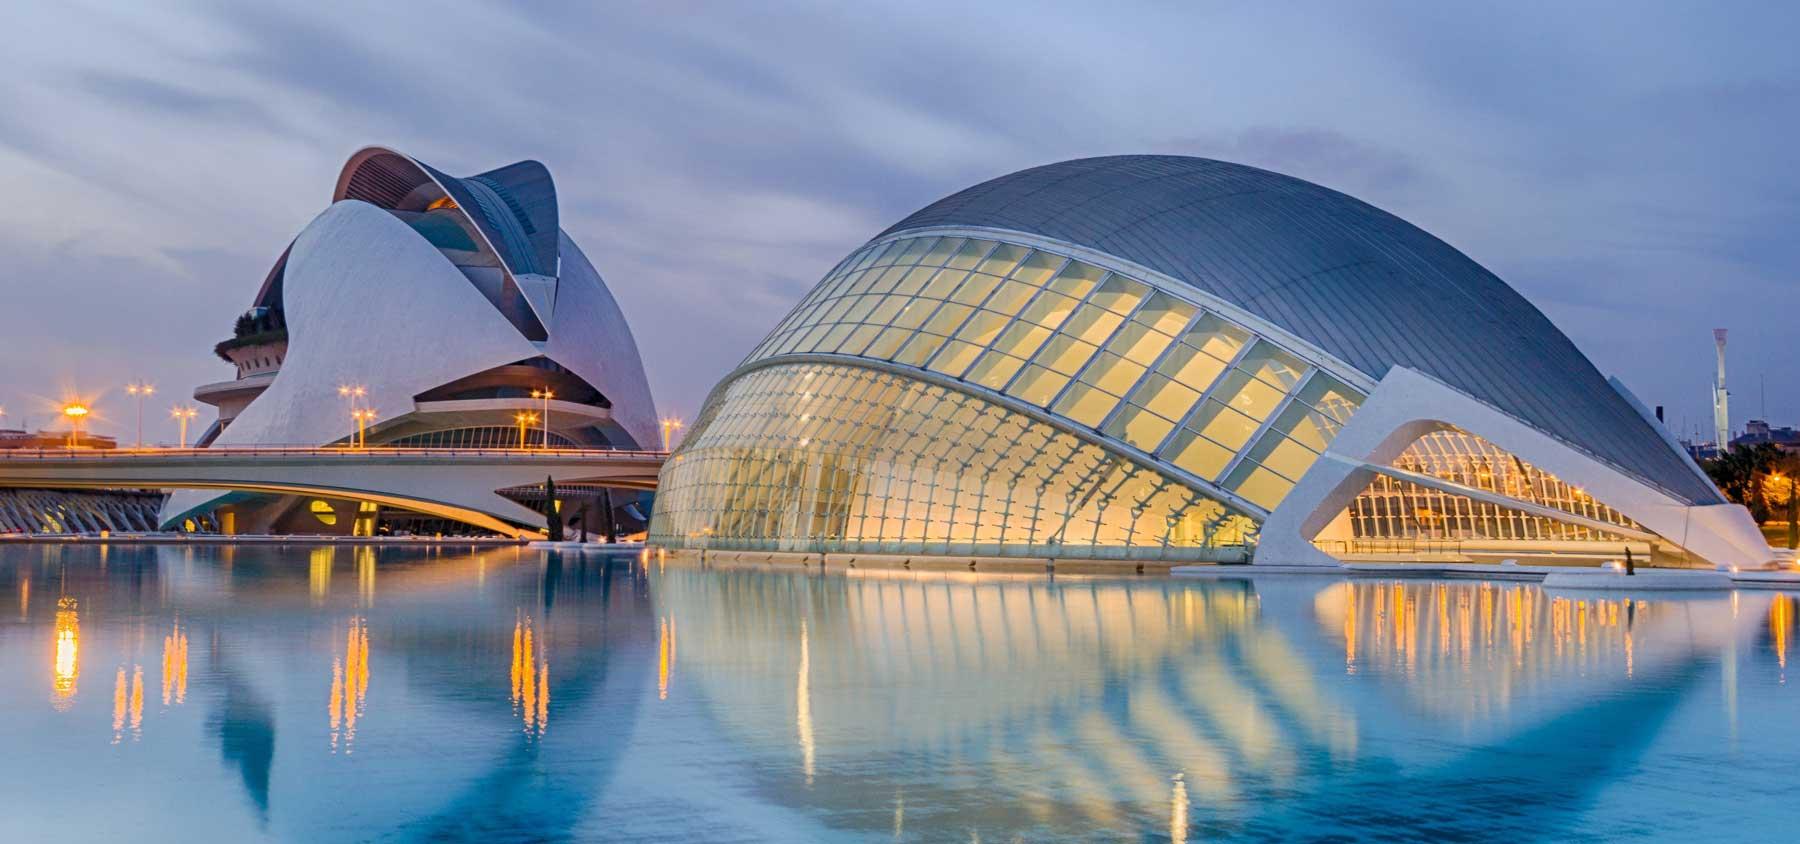 immagine per 3 - Tour città di Spagna: Triangolo d'oro (da Valencia)